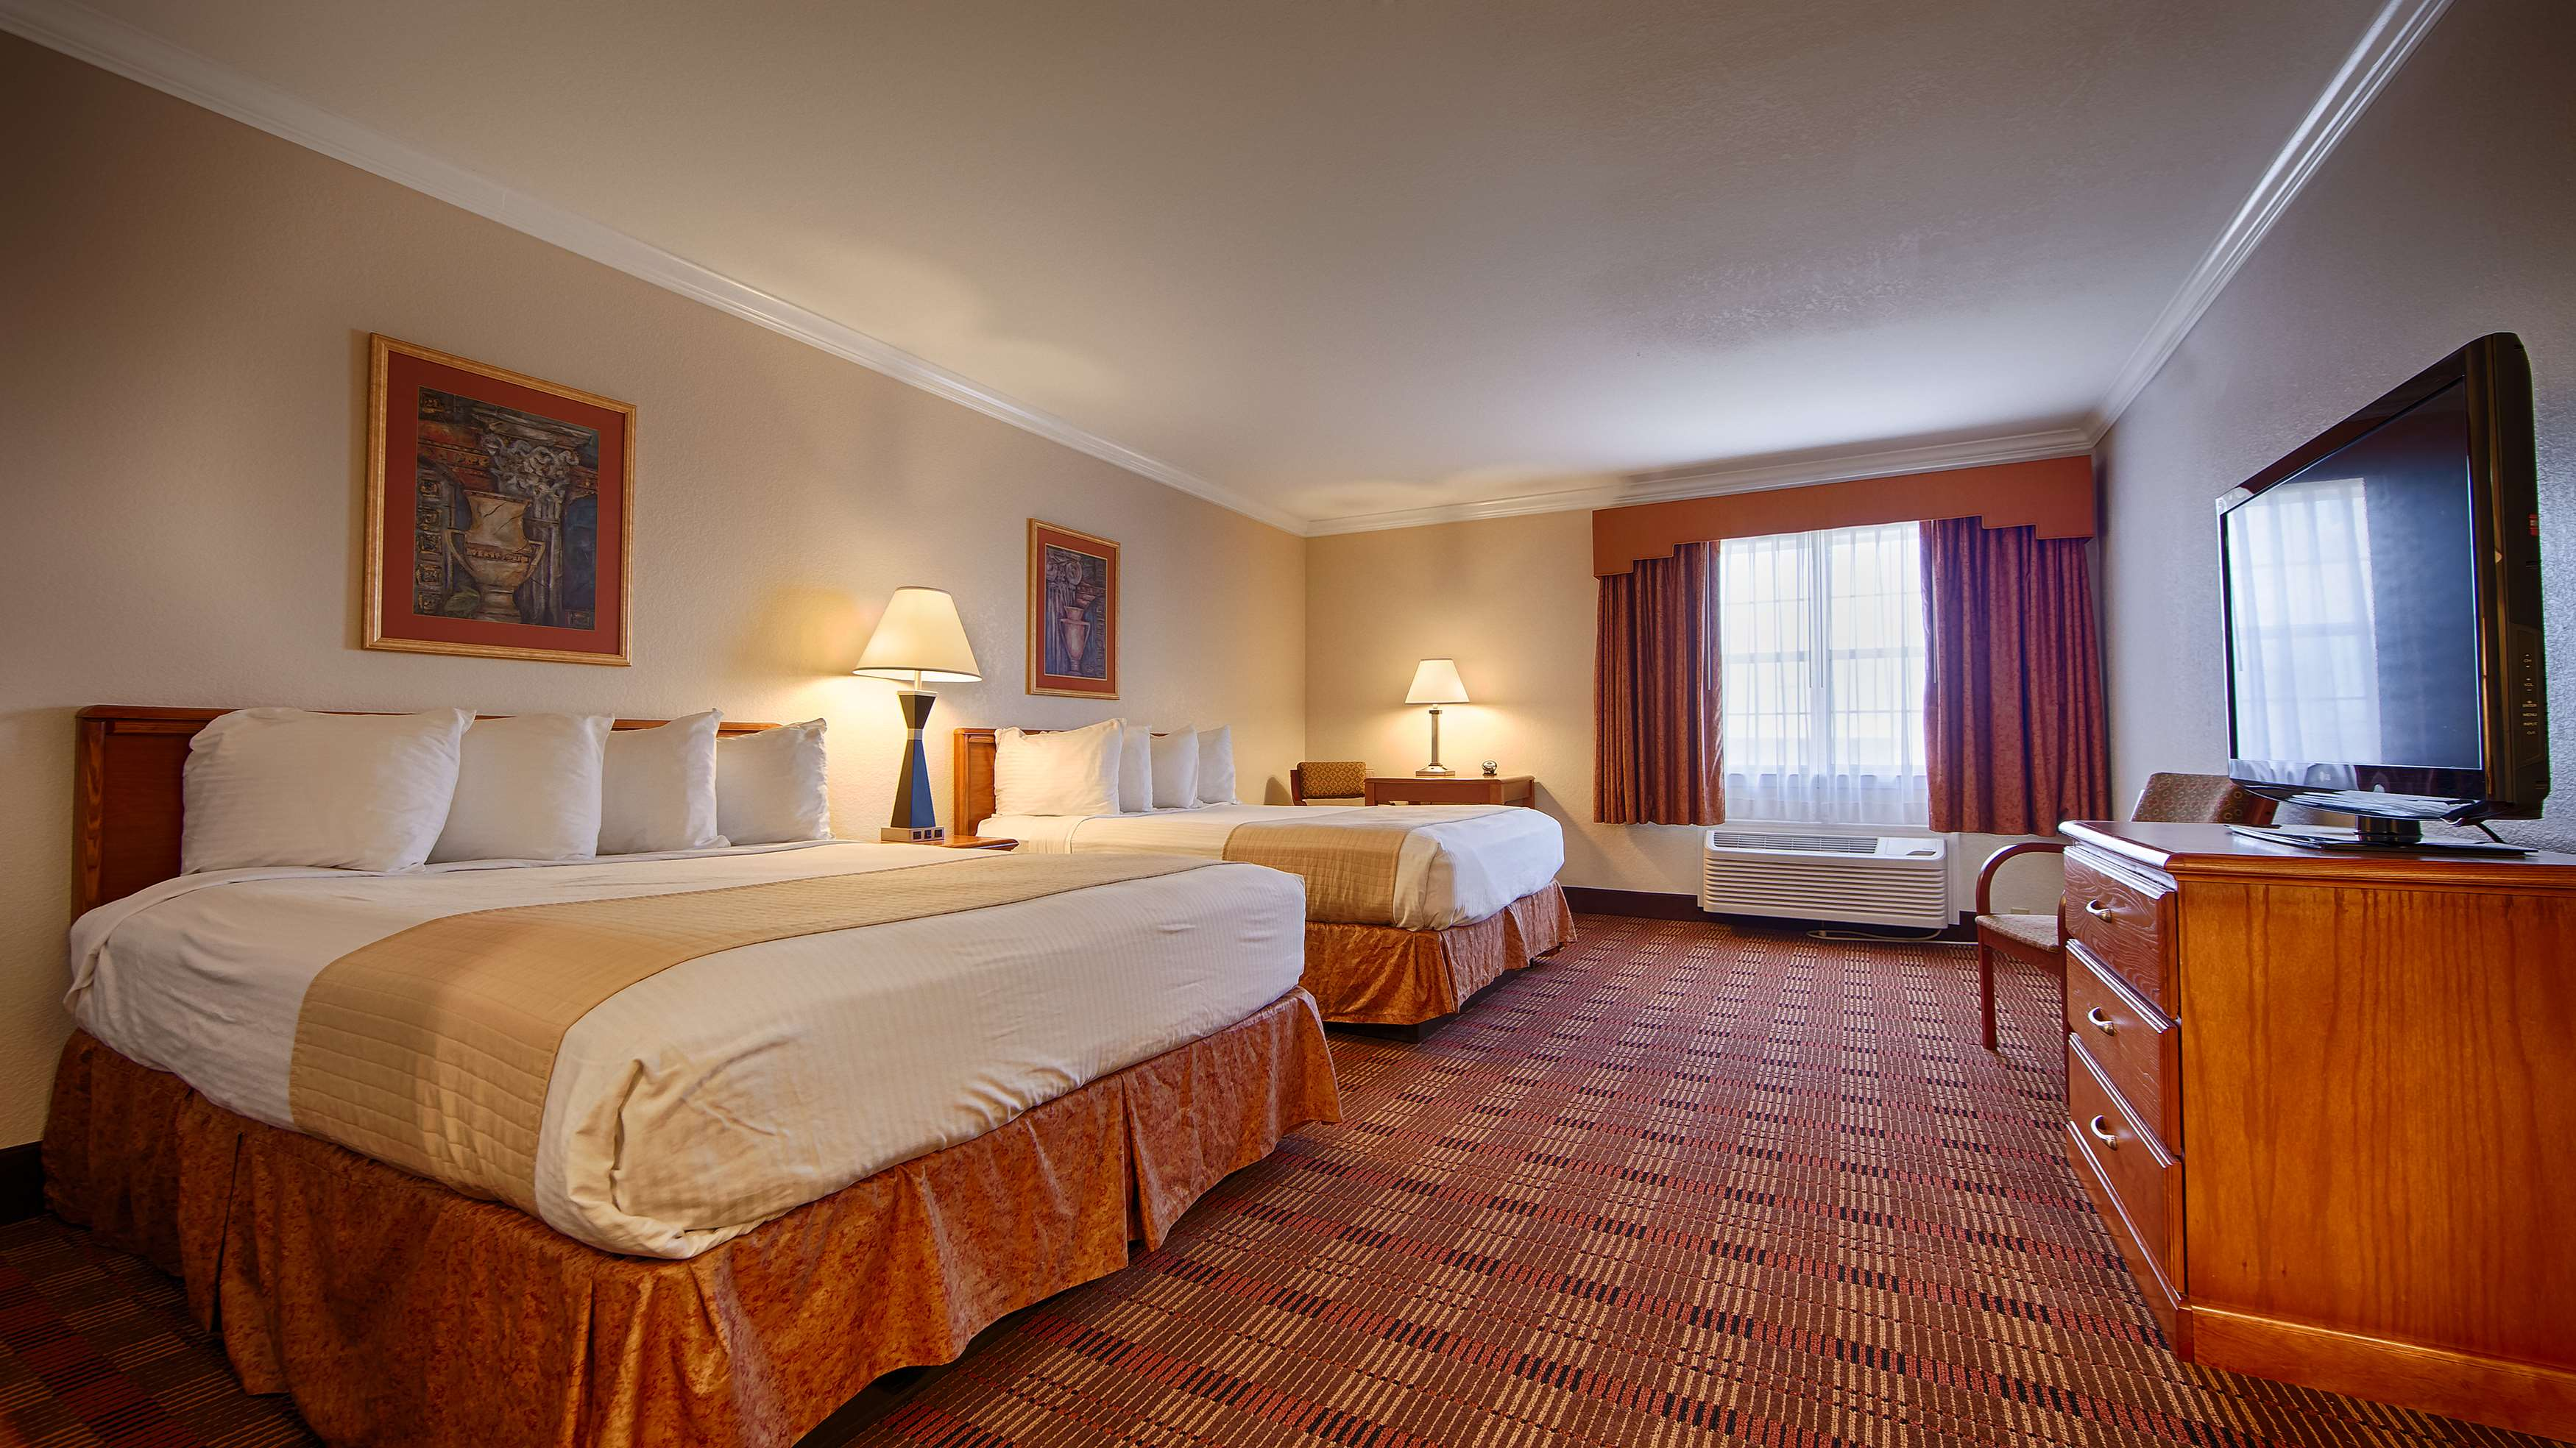 Best Western Club House Inn & Suites image 18